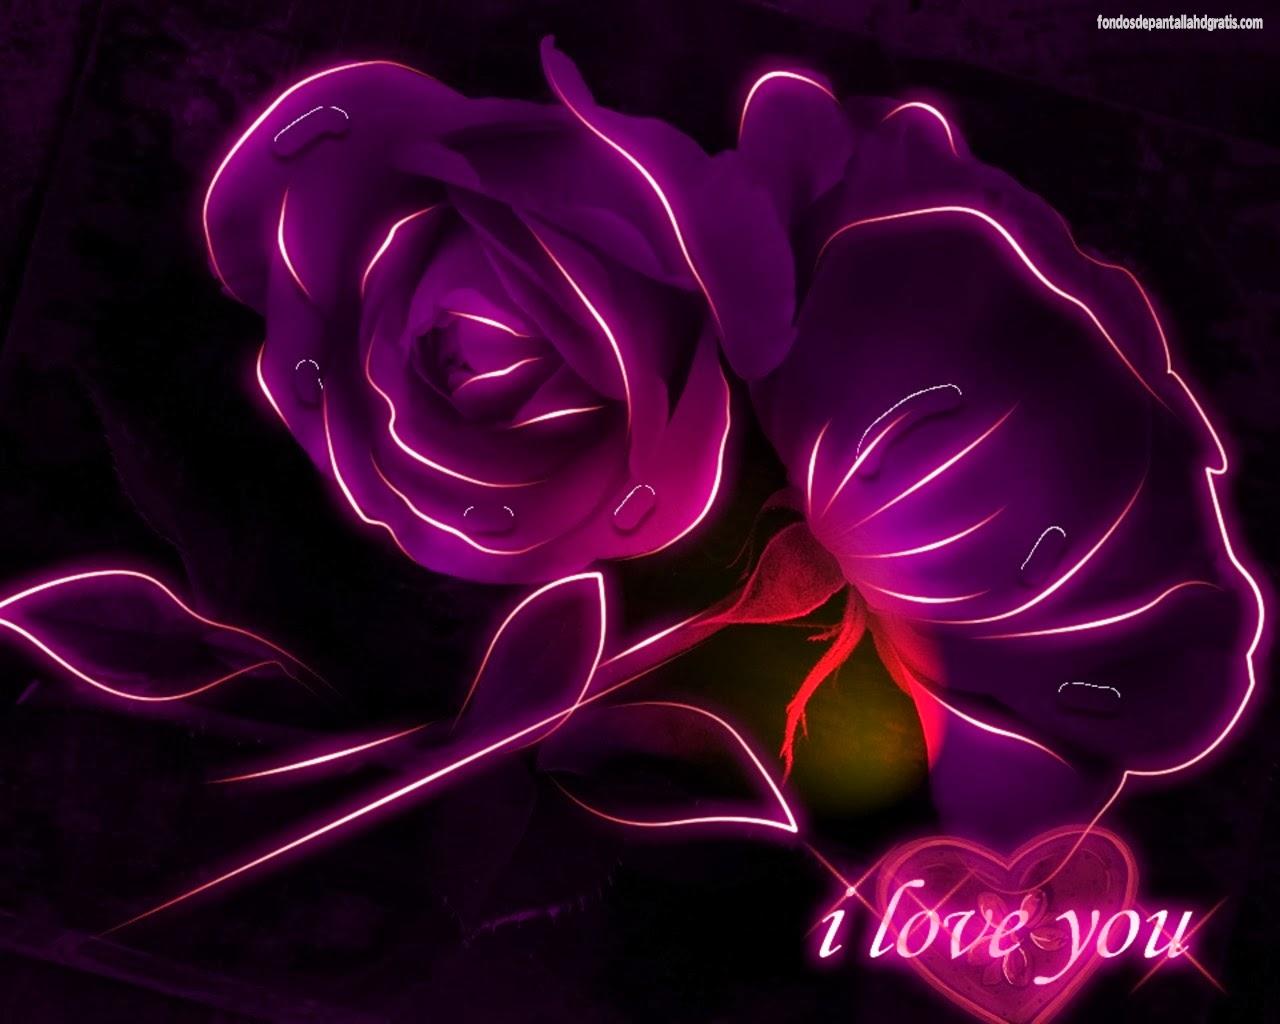 Imagenes para celulares de fondo de pantalla de amor for Imagenes geniales para fondo de pantalla